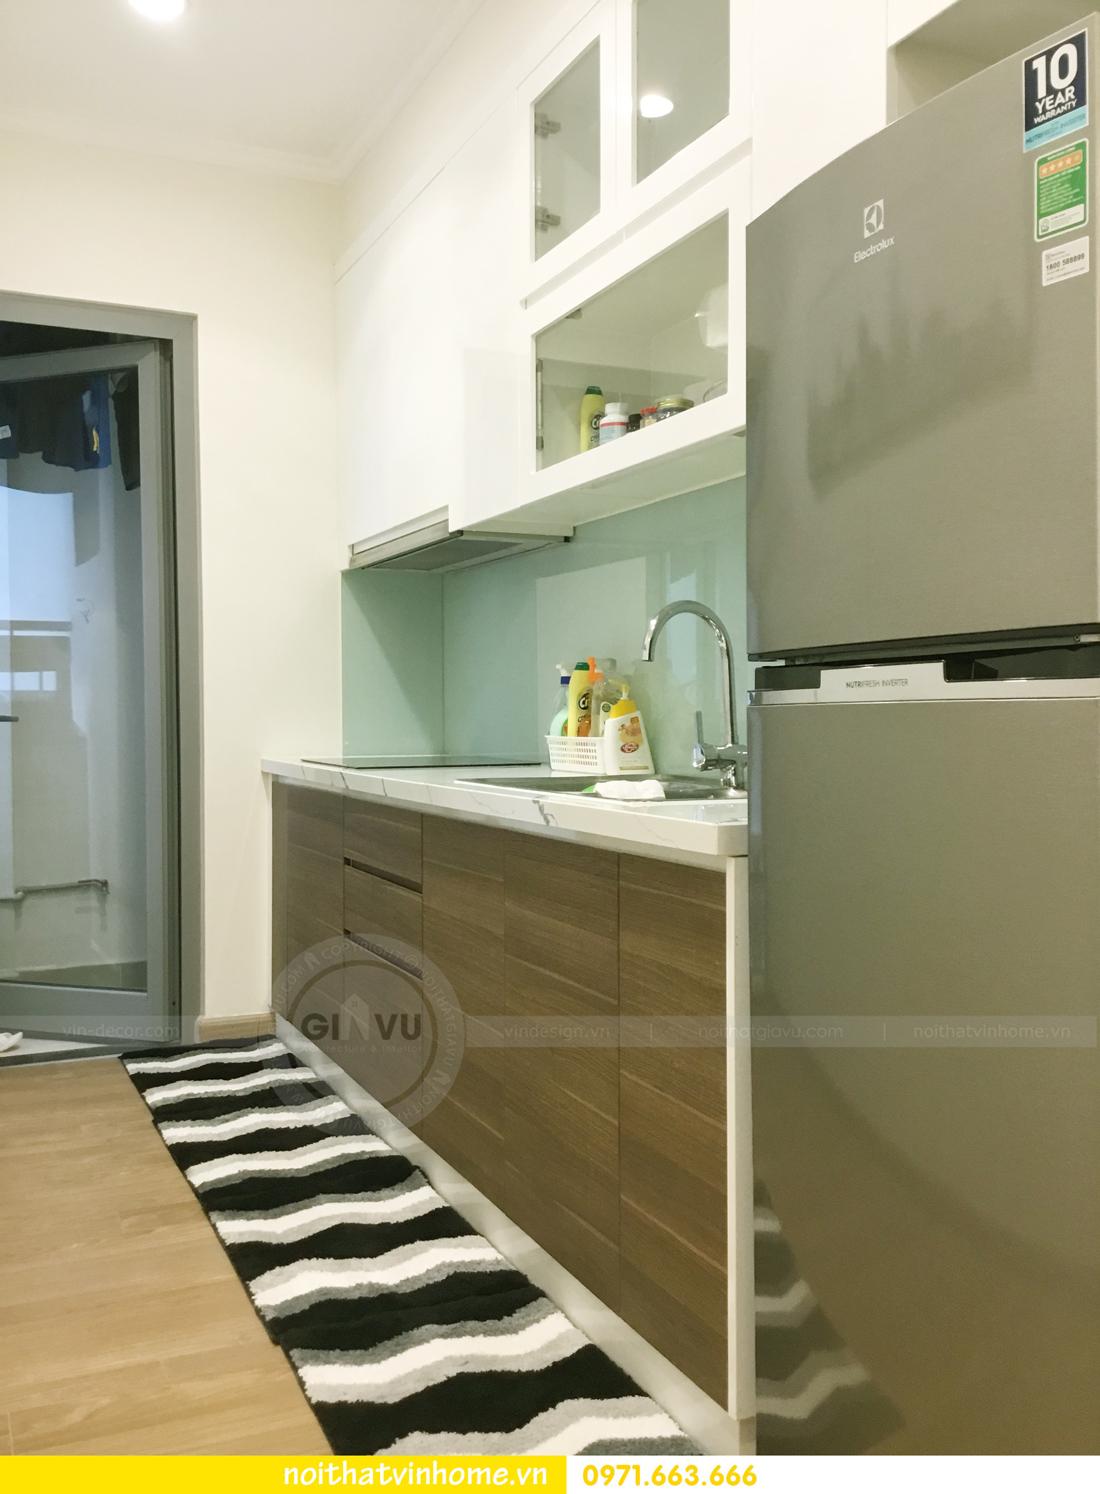 Hoàn thiện nội thất Vinhomes Times City Park Hill 12